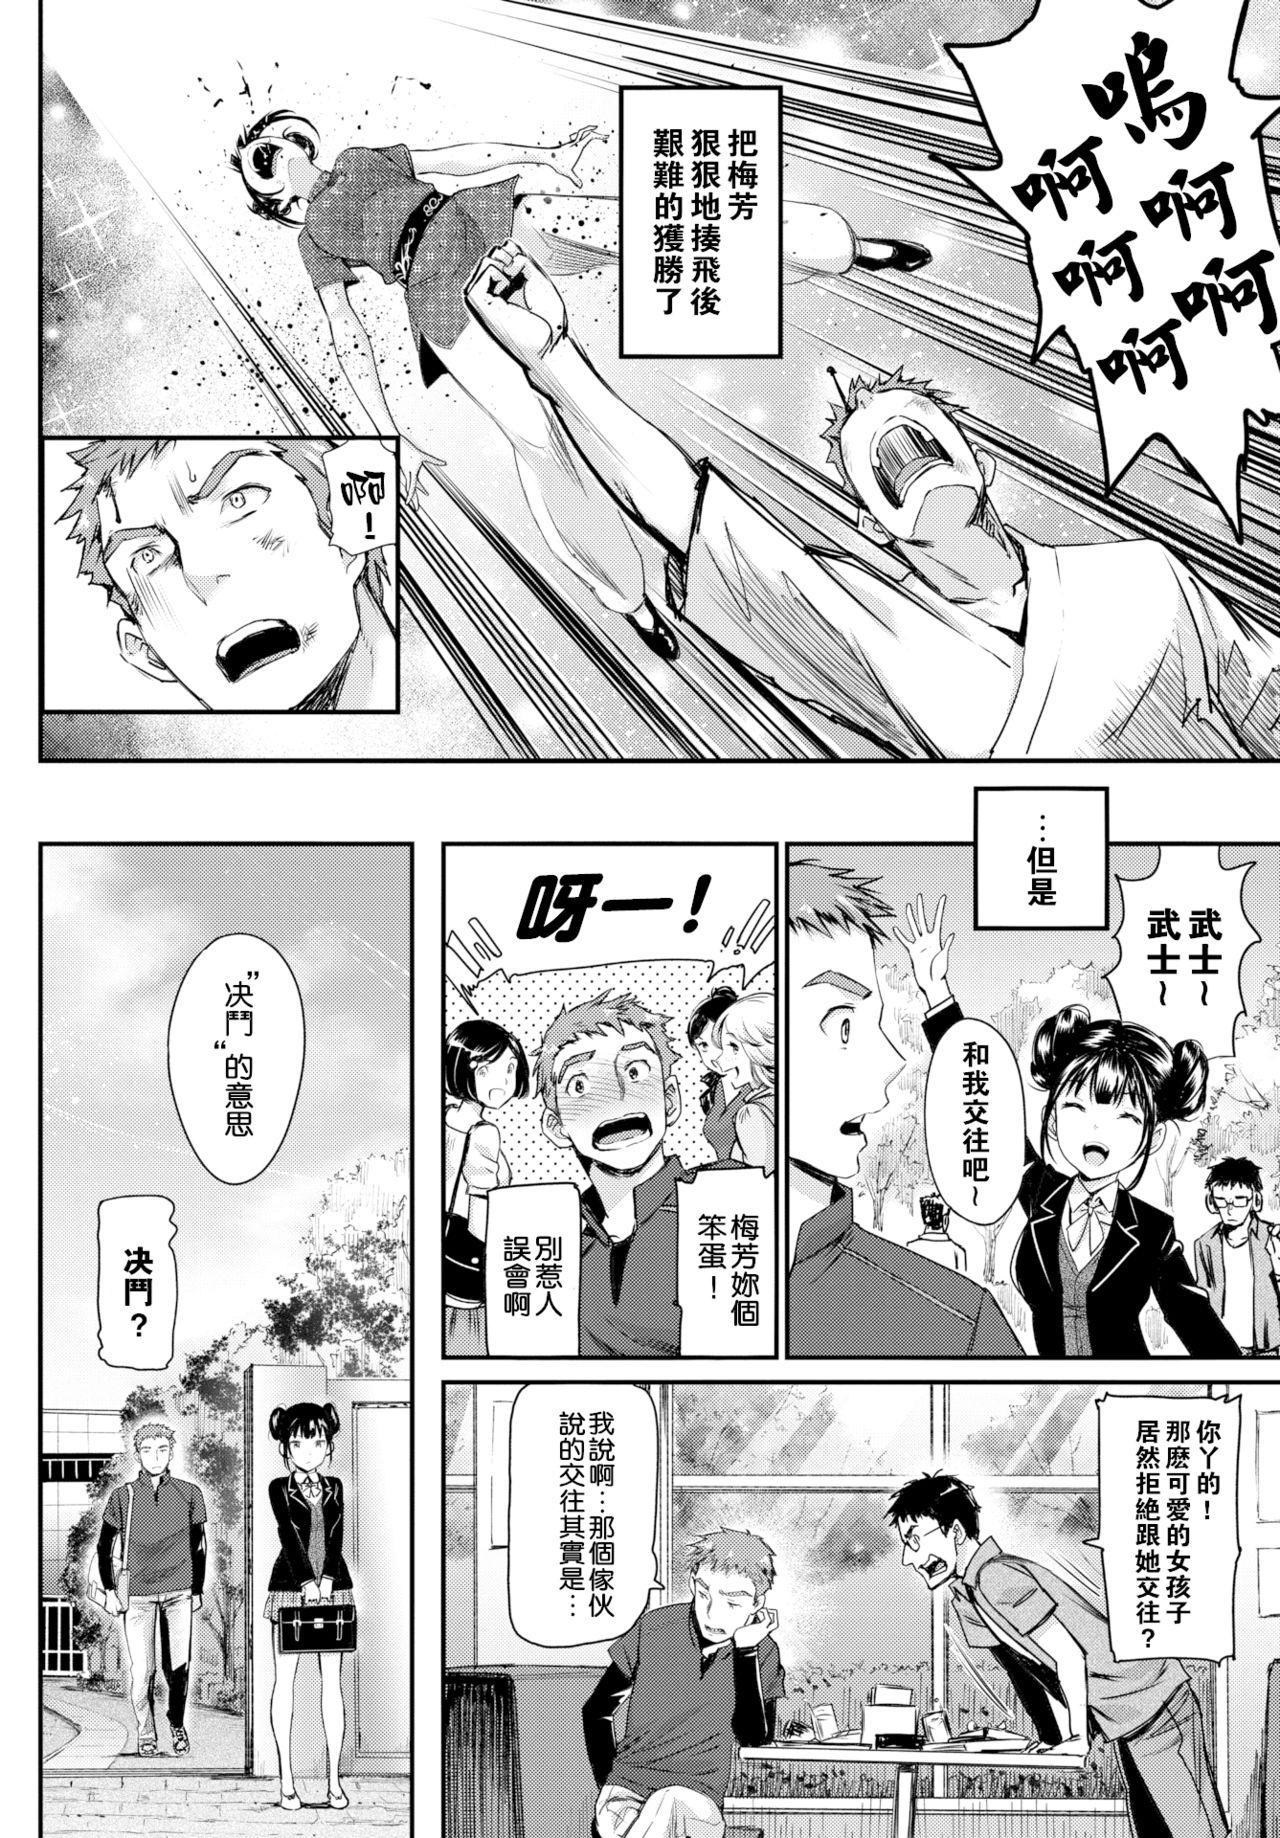 Shoubu no Yukue! 2